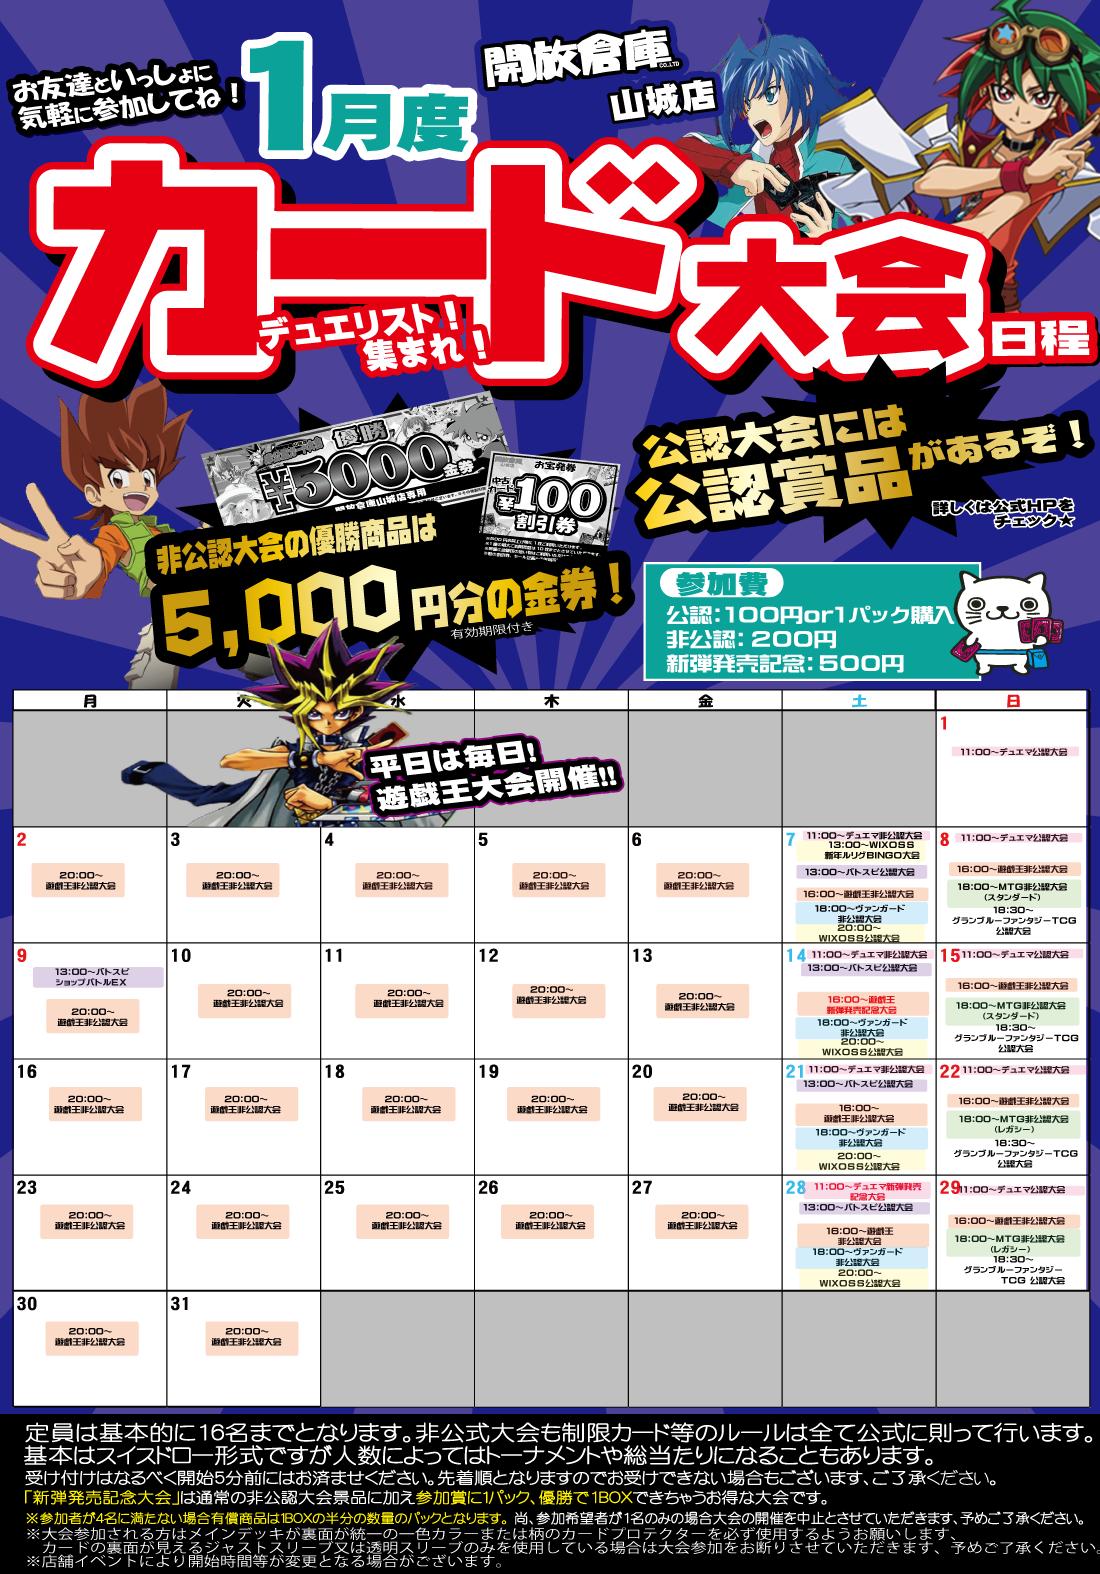 「開放倉庫山城店」2017年1月度カード大会日程表公開!